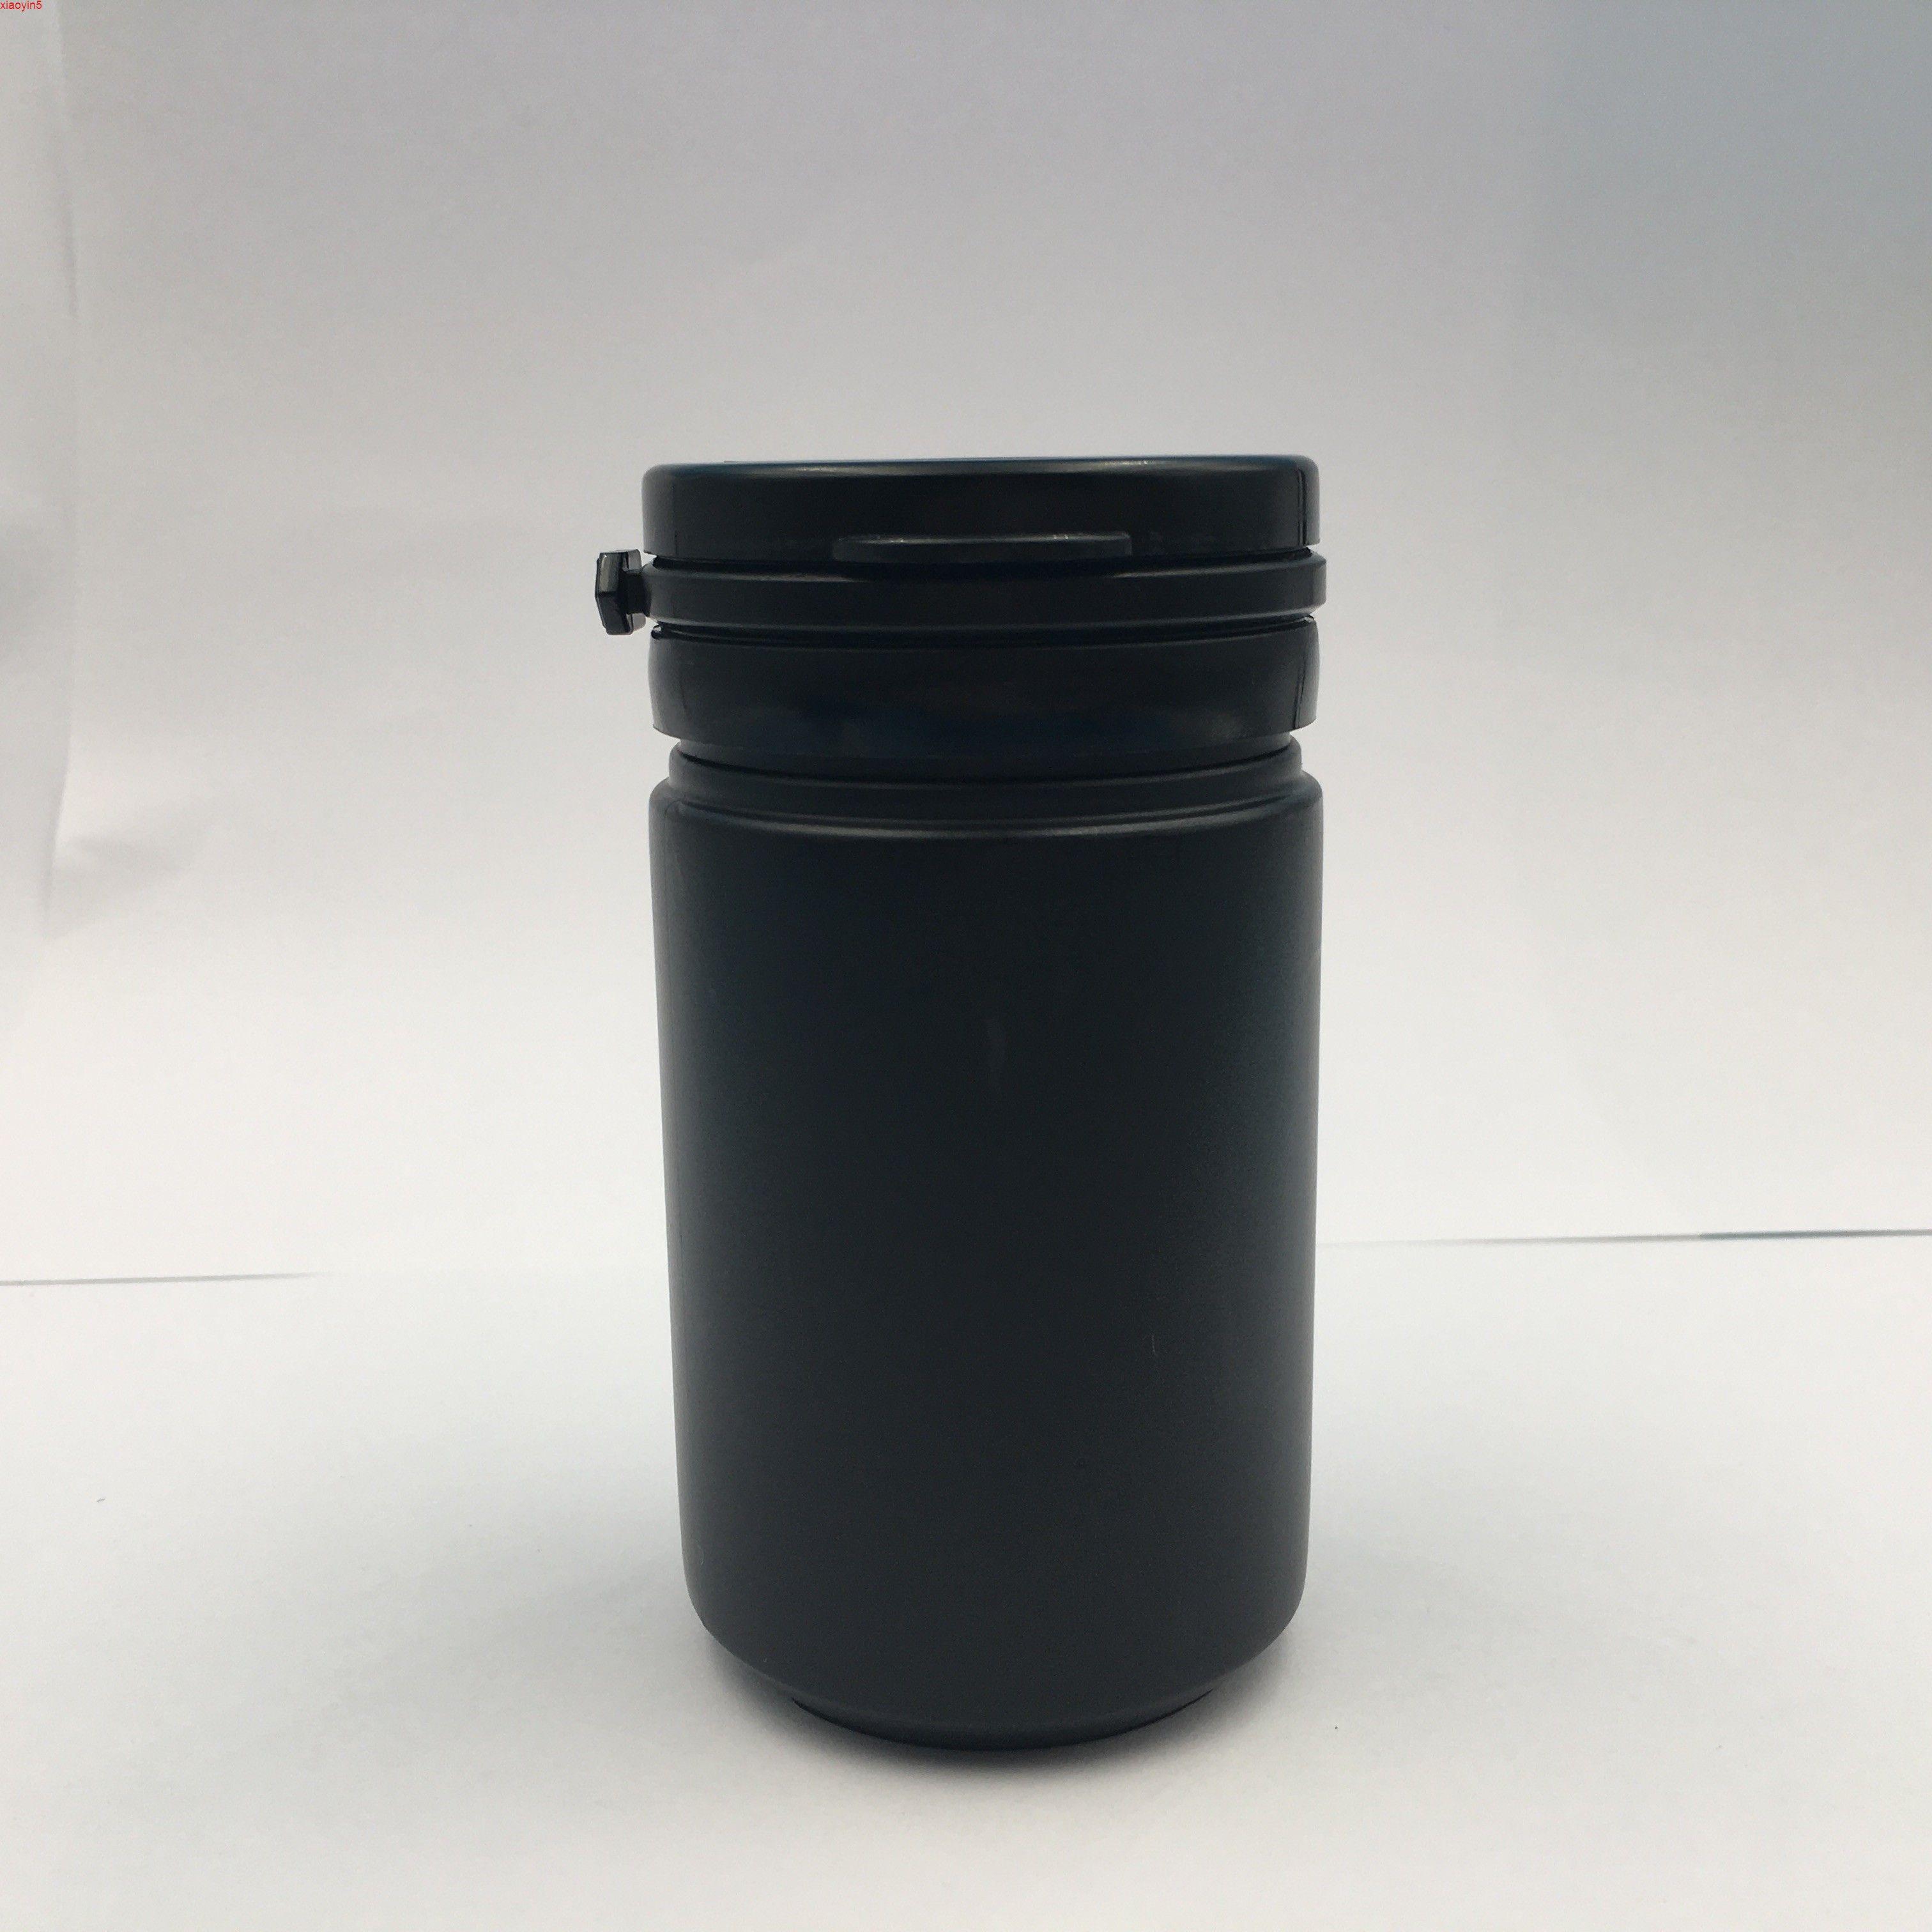 Yüksek QuatityFree Nakliye 60 80 ml Siyah Plastik Boş Şişeler Hap Tozu Tereyağı Ambalaj Konteyner Kolu Kapak 50 ADET Kapsül Kavanoz